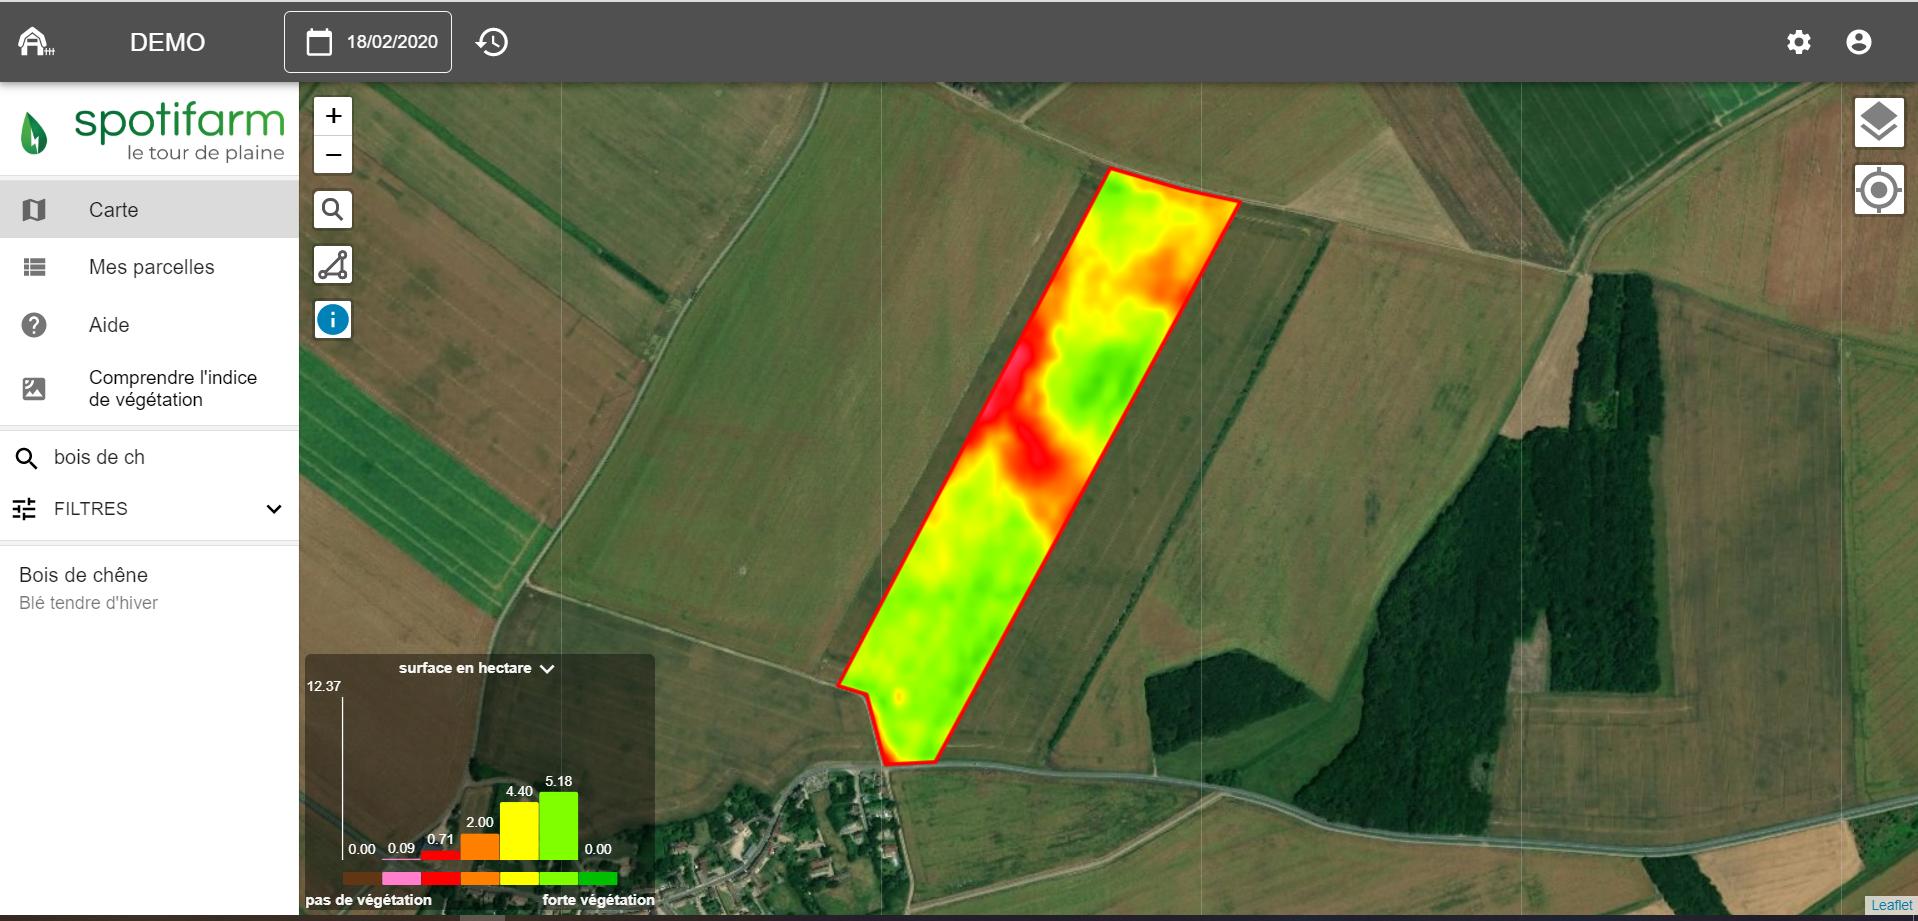 spotifarm-application-agriculteur-heterogeneite-intra-parcellaire-parcelles-cultures-ble-variation-dose-modulation